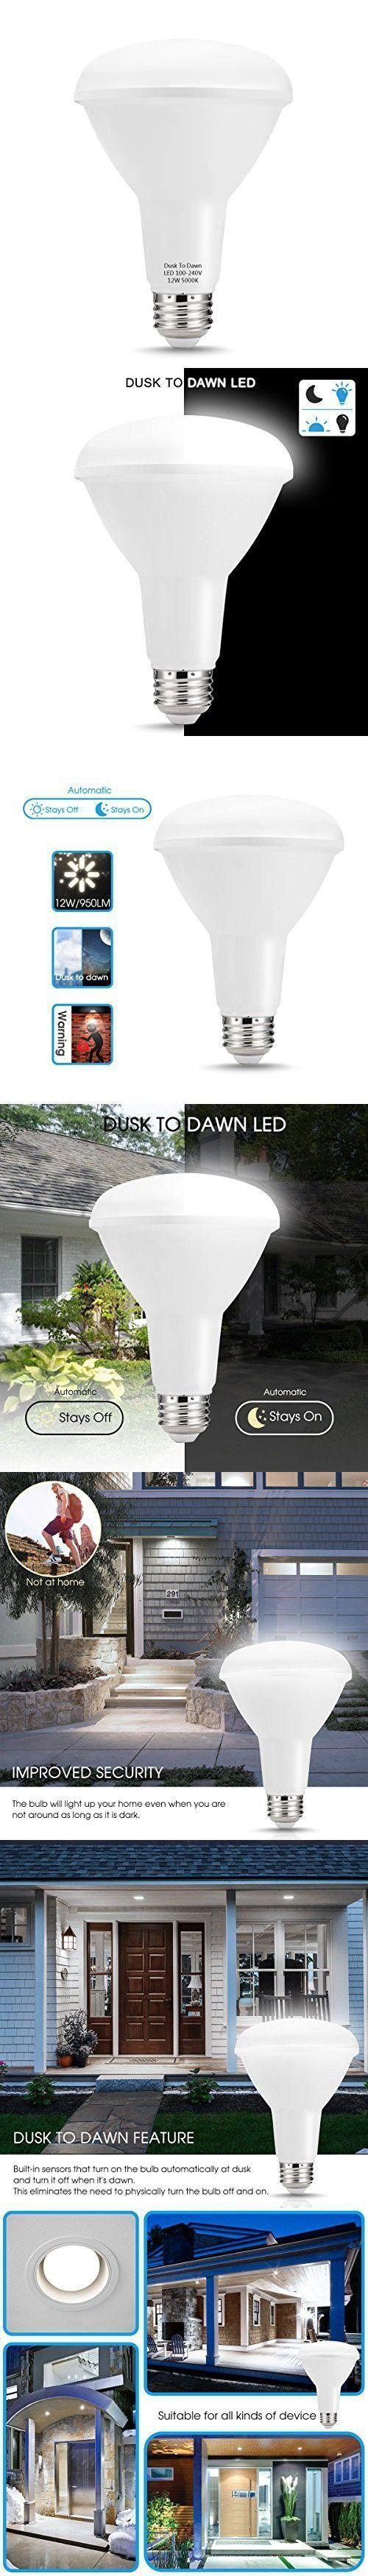 Techgomade Br30 Led Flood Light Dusk To Dawn Sensor Light Bulbs E26 Base Led Bul Base Br30 Bul Bulbs Dawn Dusk E26 Flood Led Light